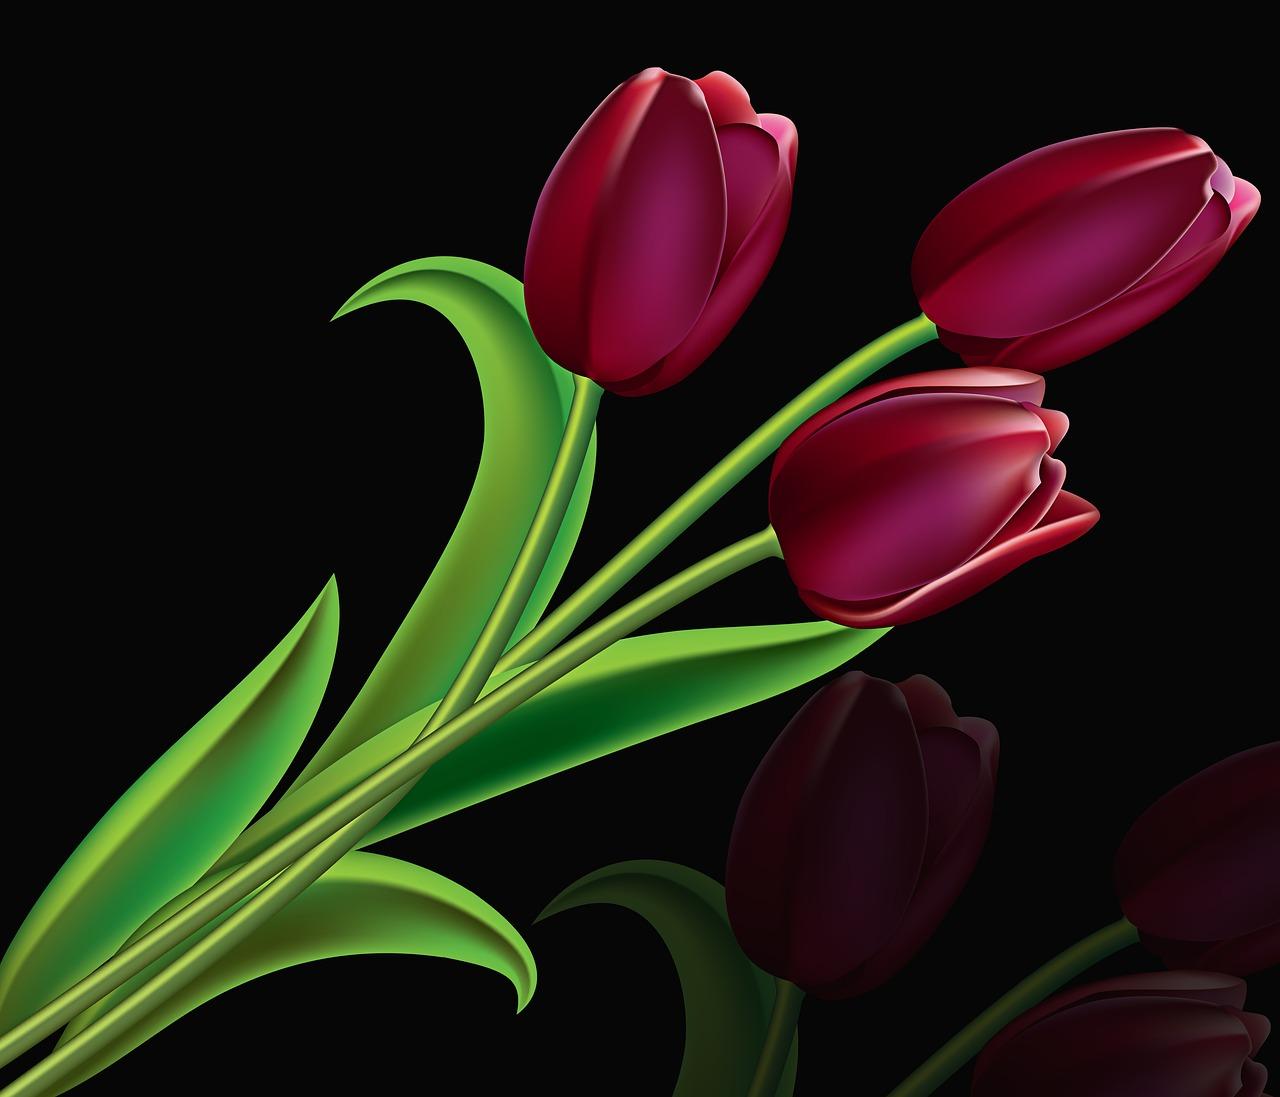 означает тюльпаны на темном фоне картинки ракет